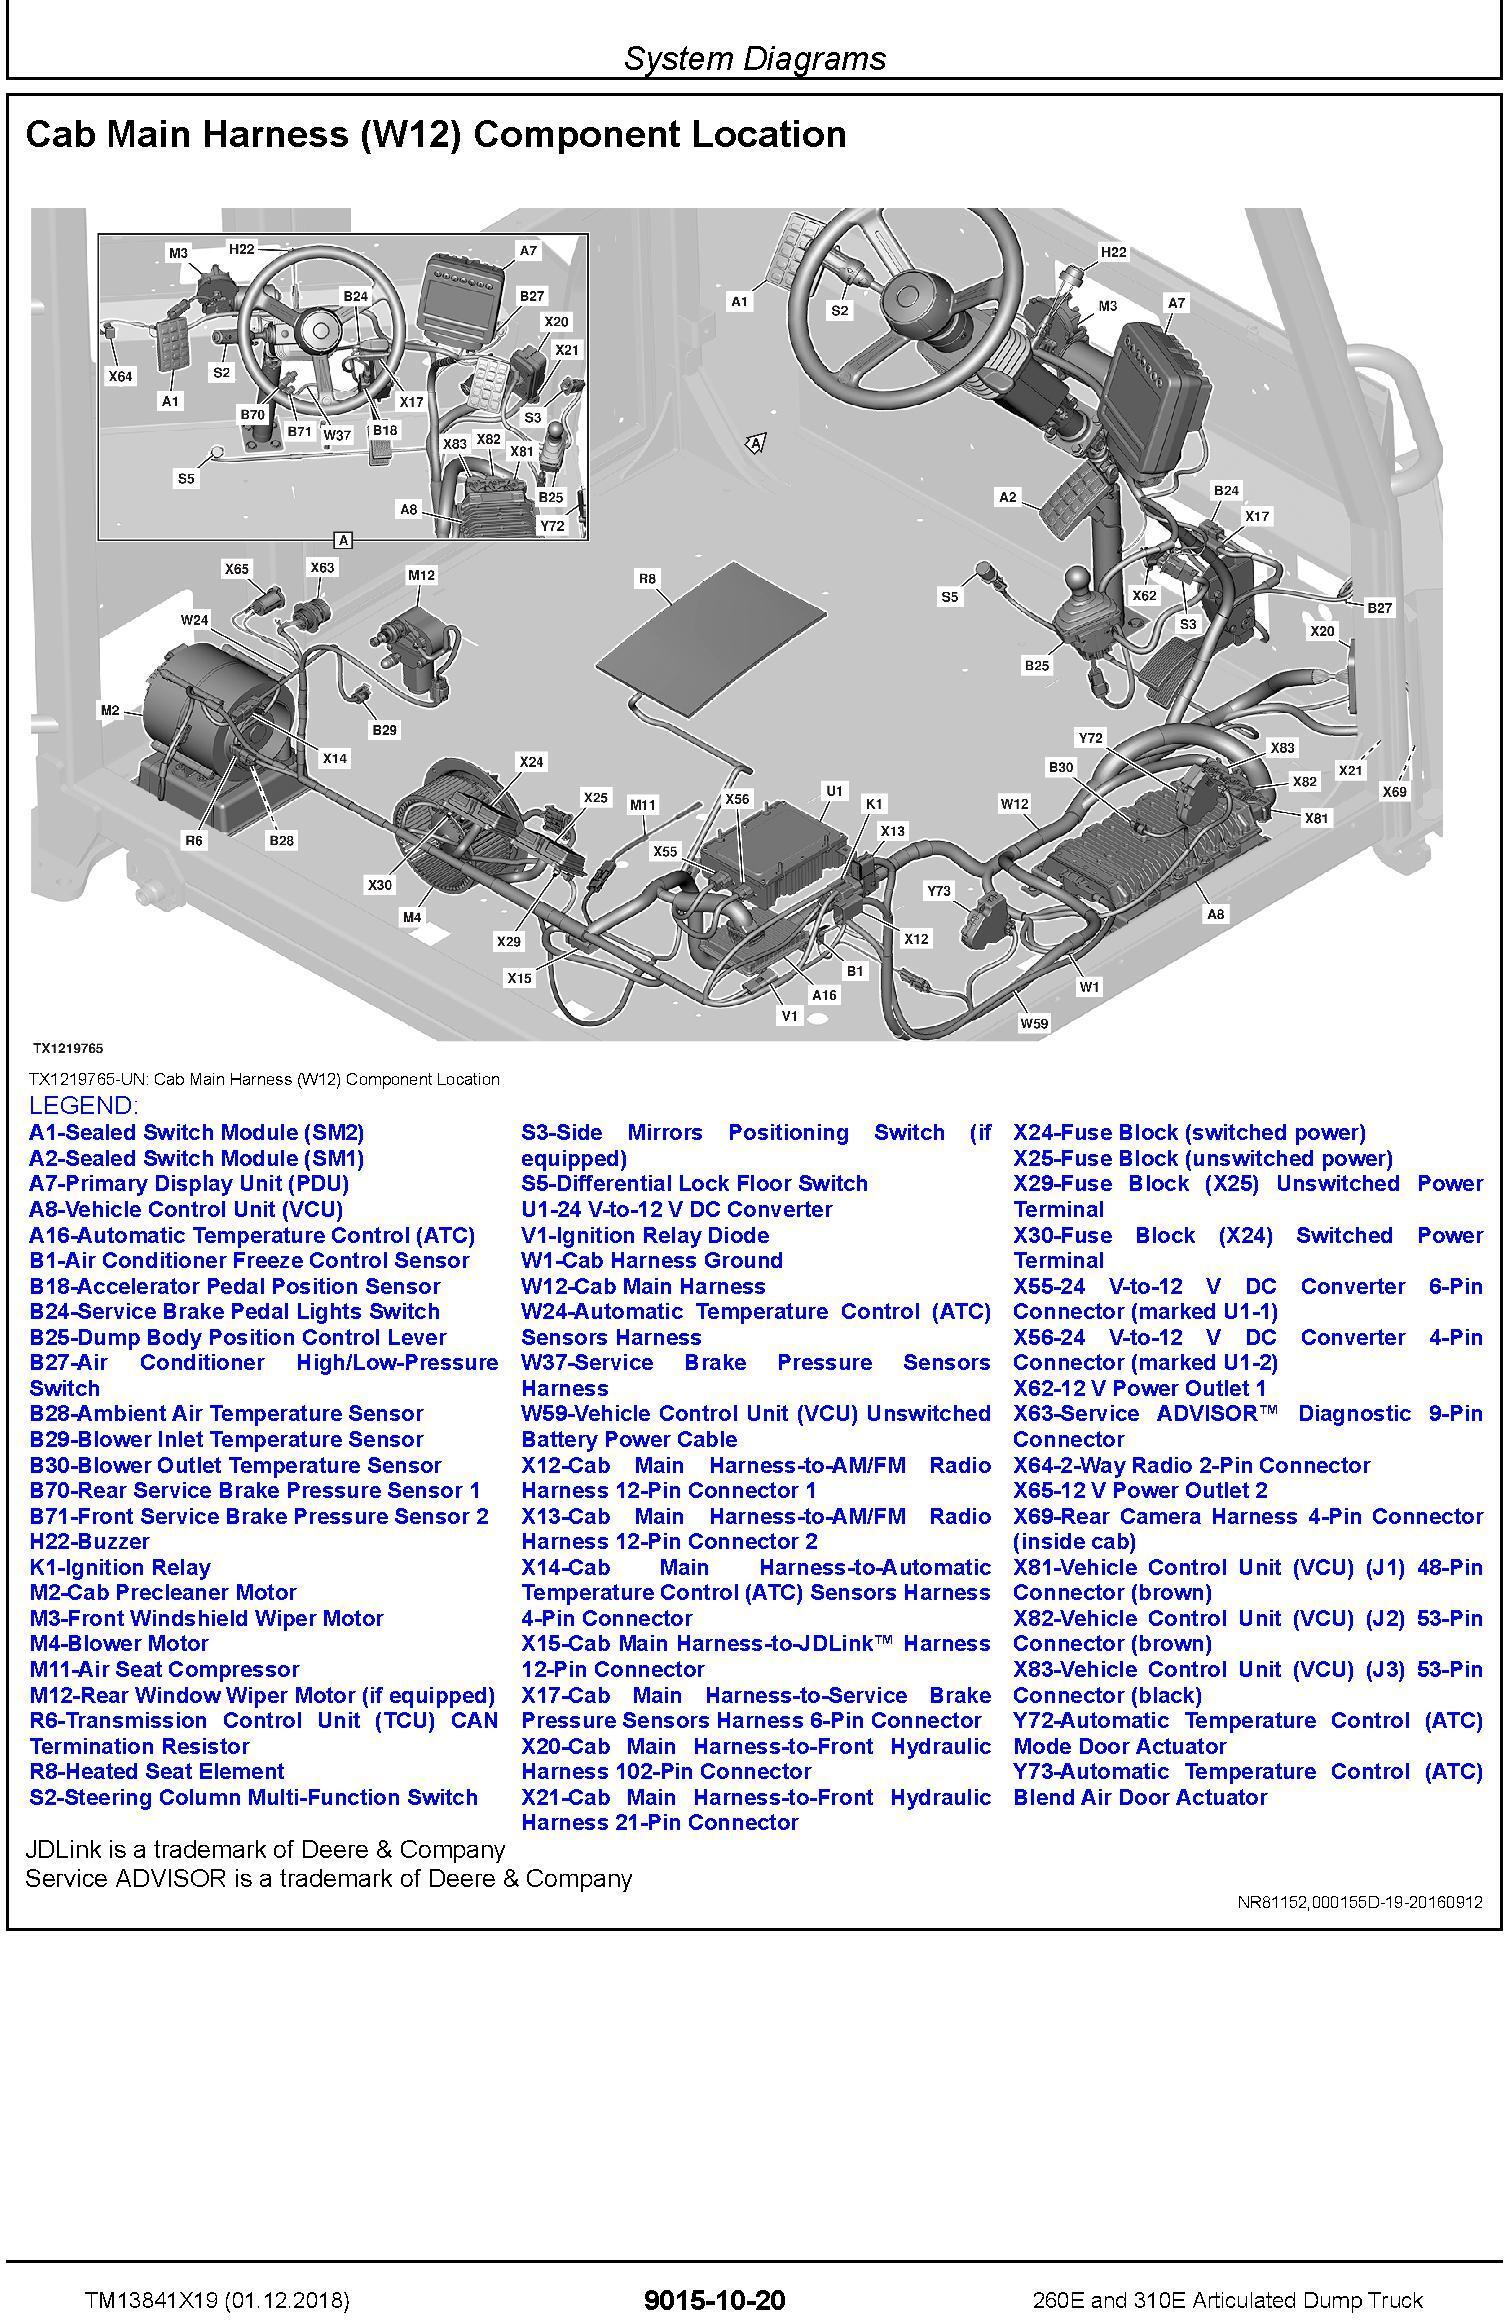 John Deere 260E, 310E Articulated Dump Truck (SN. F677827-) Diagnostic Technical Manual (TM13841X19) - 2